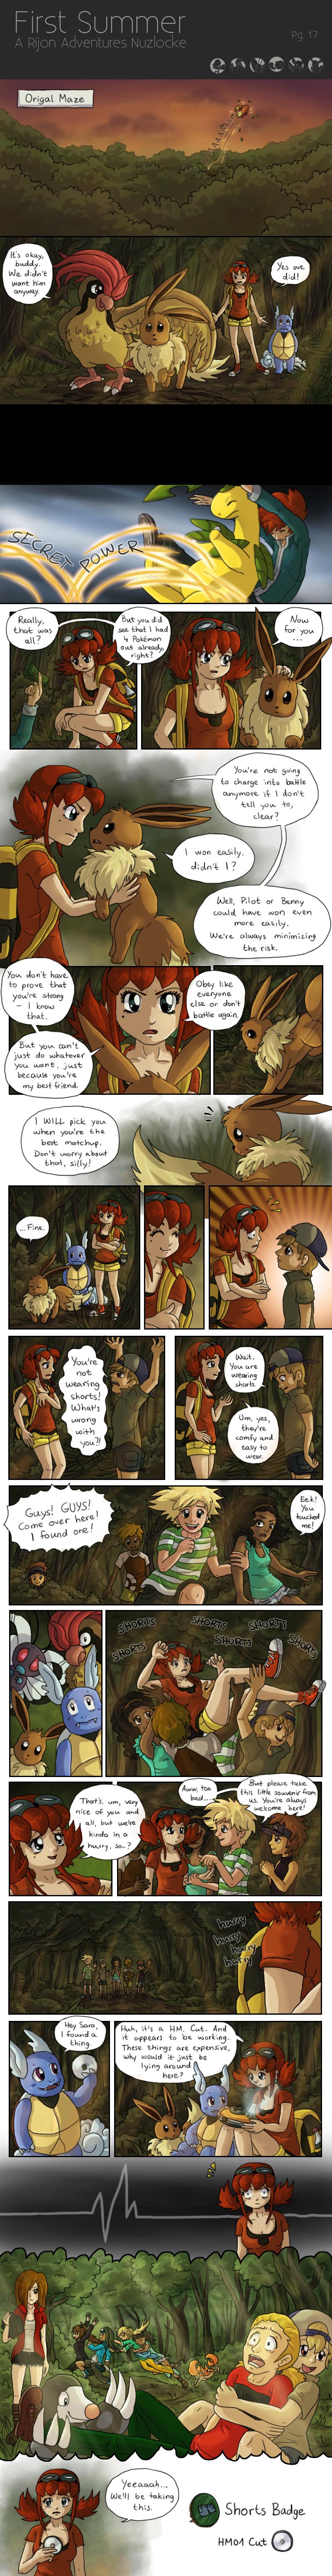 First Summer - A Rijon Adventures Nuzlocke [Pg.17]